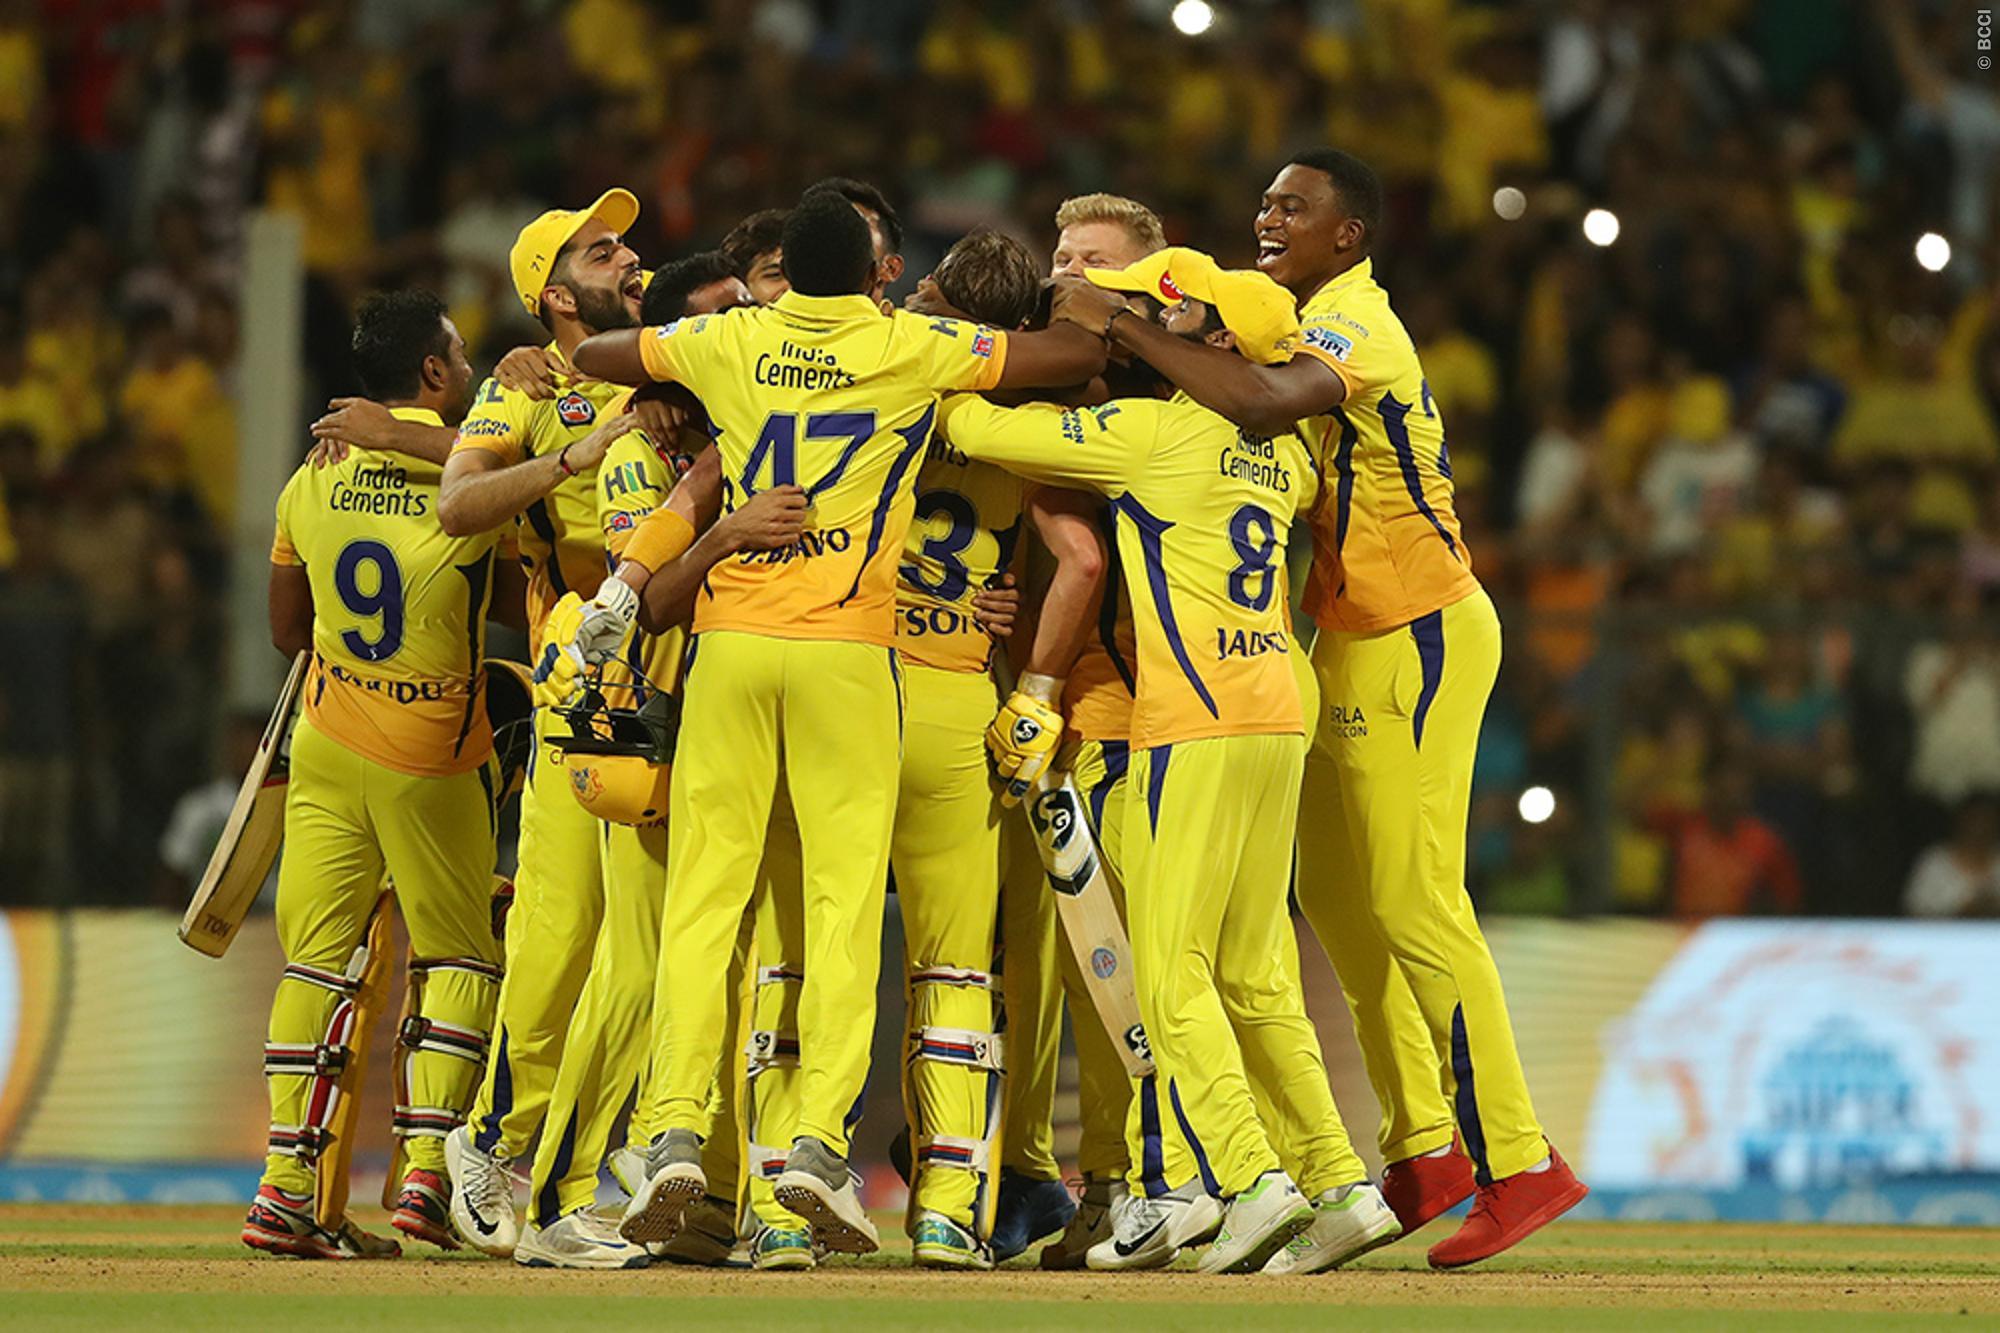 वीरेंद्र सहवाग ने चेन्नई के फाइनल जीतने के बाद धोनी को ख़ास अंदाज में दी बधाई 2